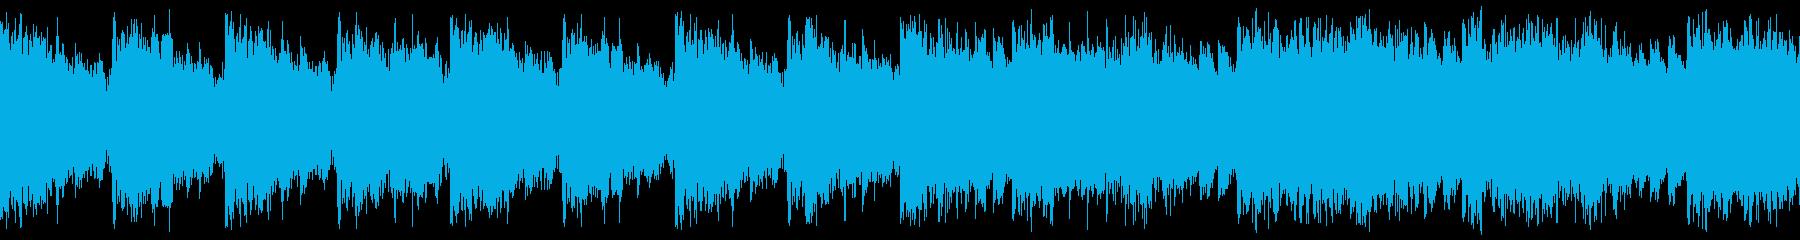 カジノ コールアテンダントBGMマズルカの再生済みの波形